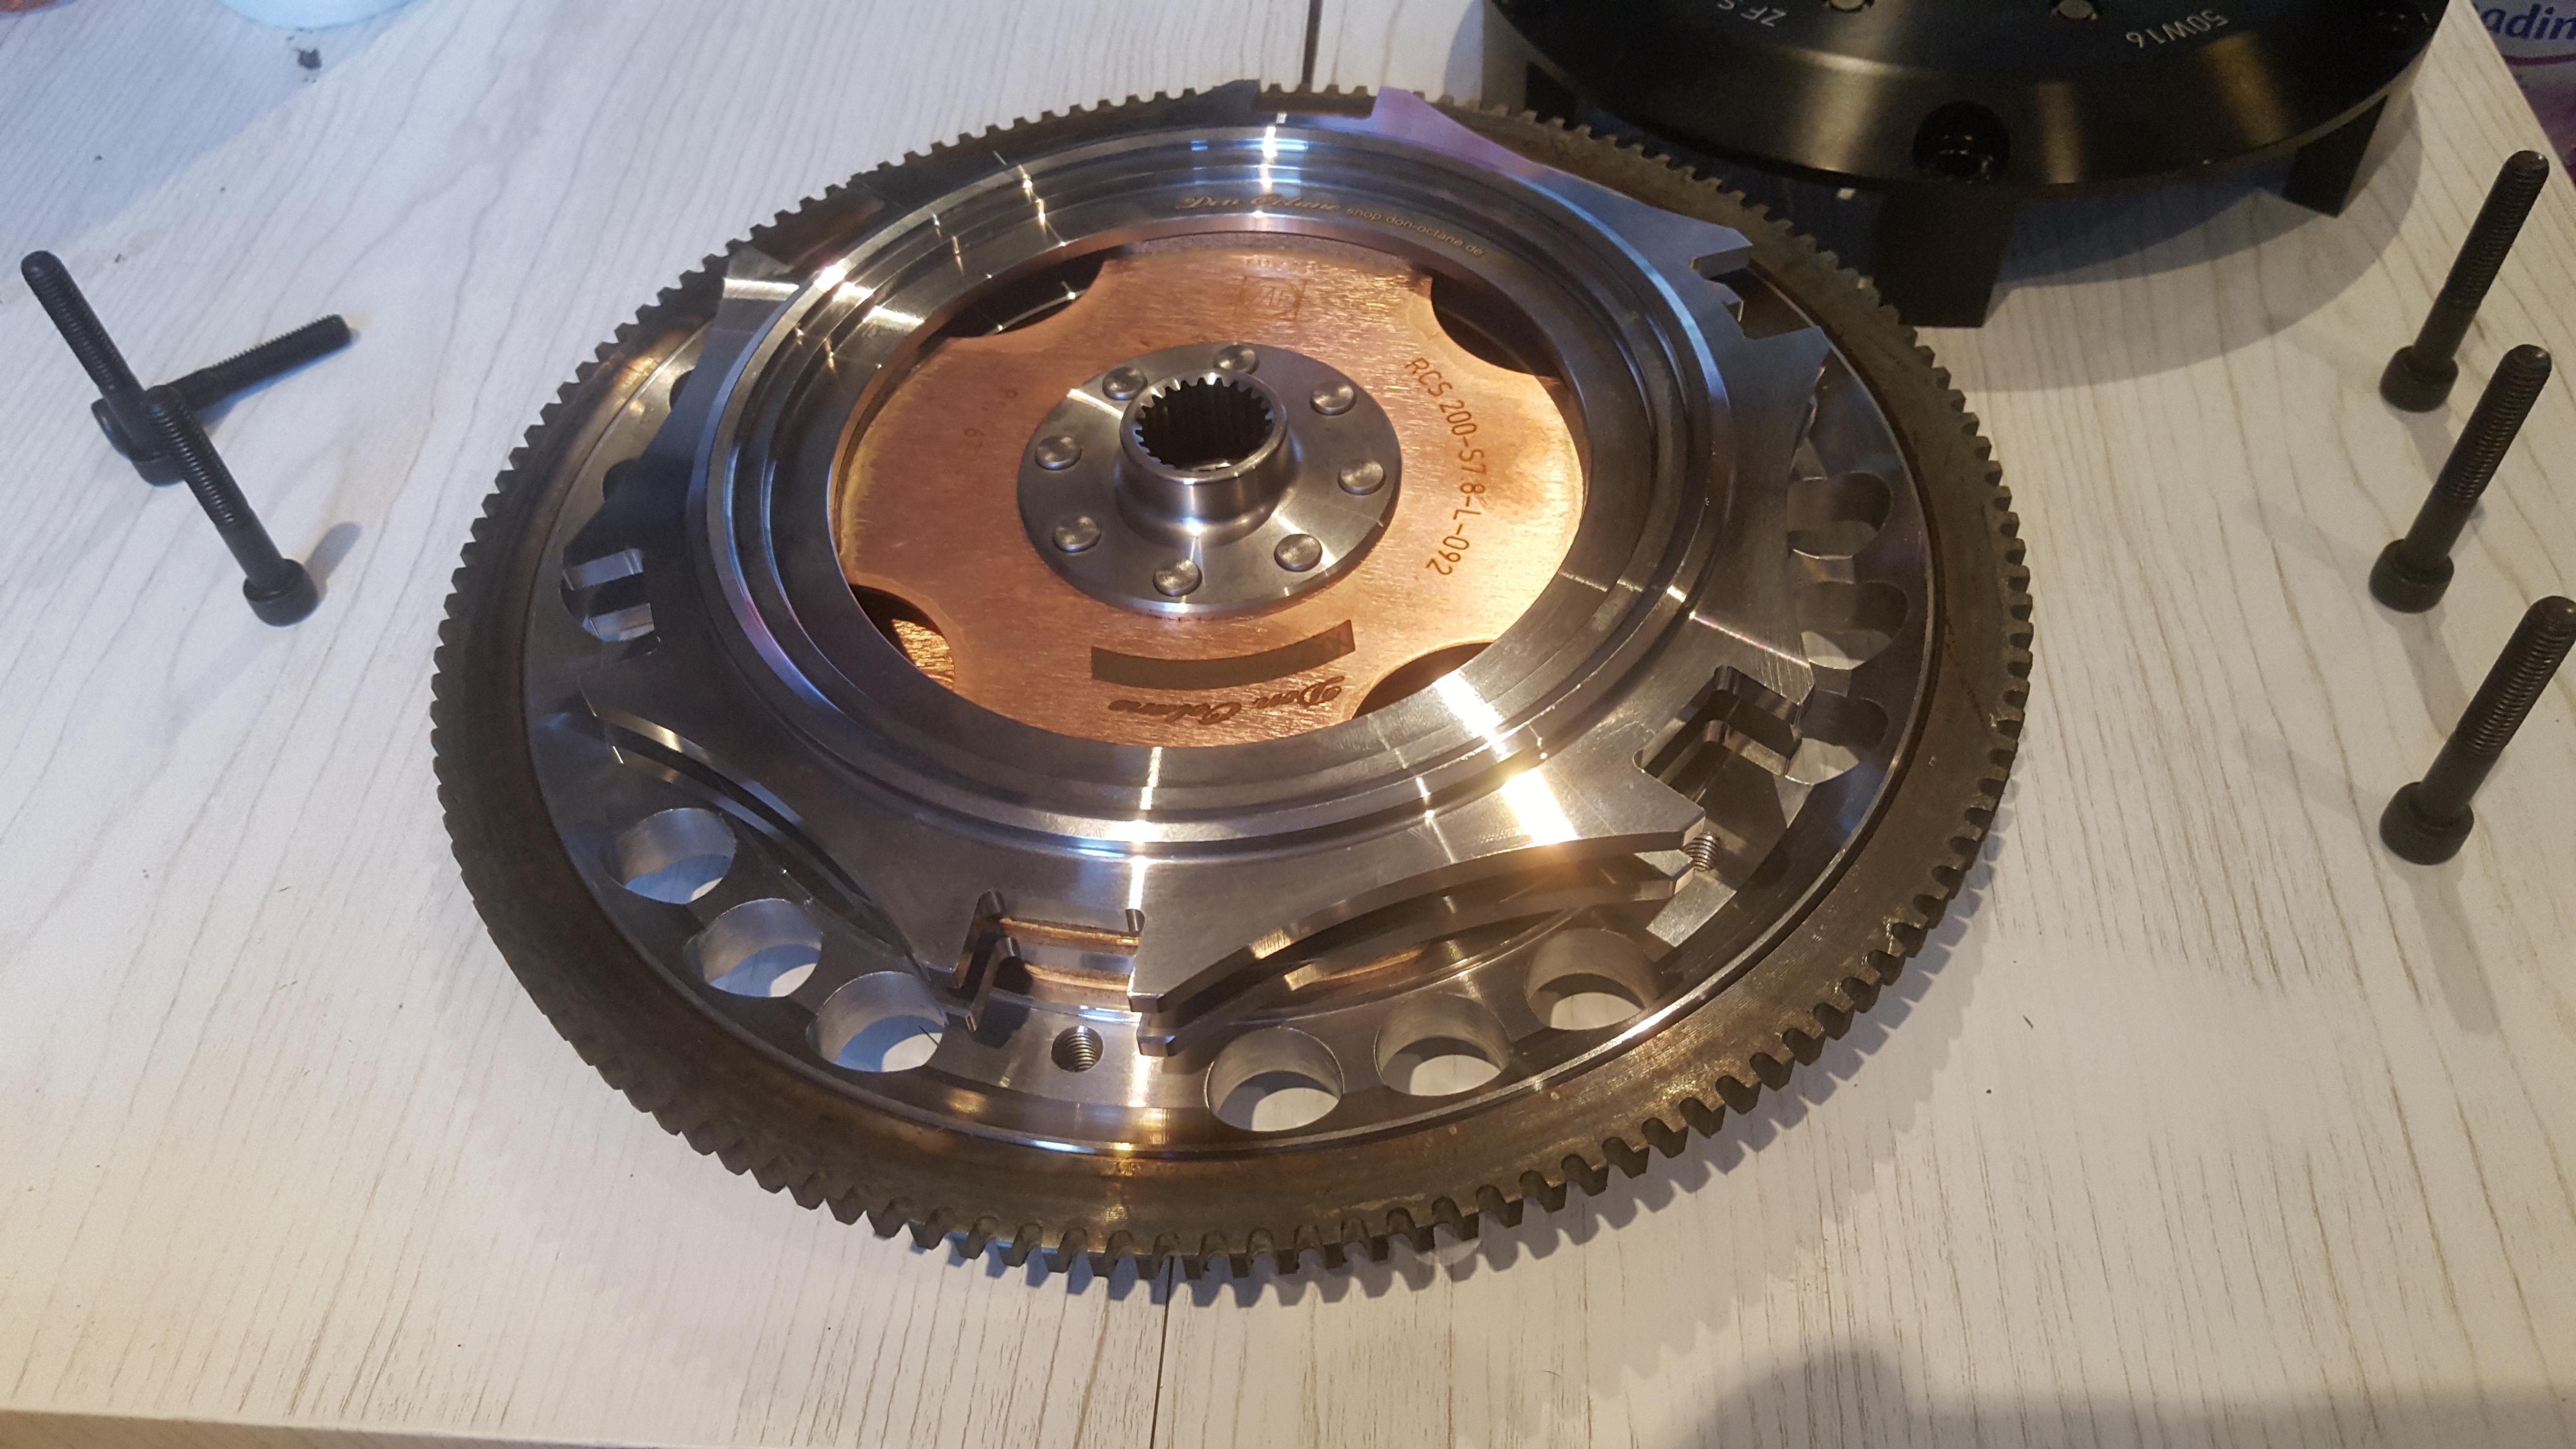 TT 3.2 V6 T de piopio - Page 7 475818image645